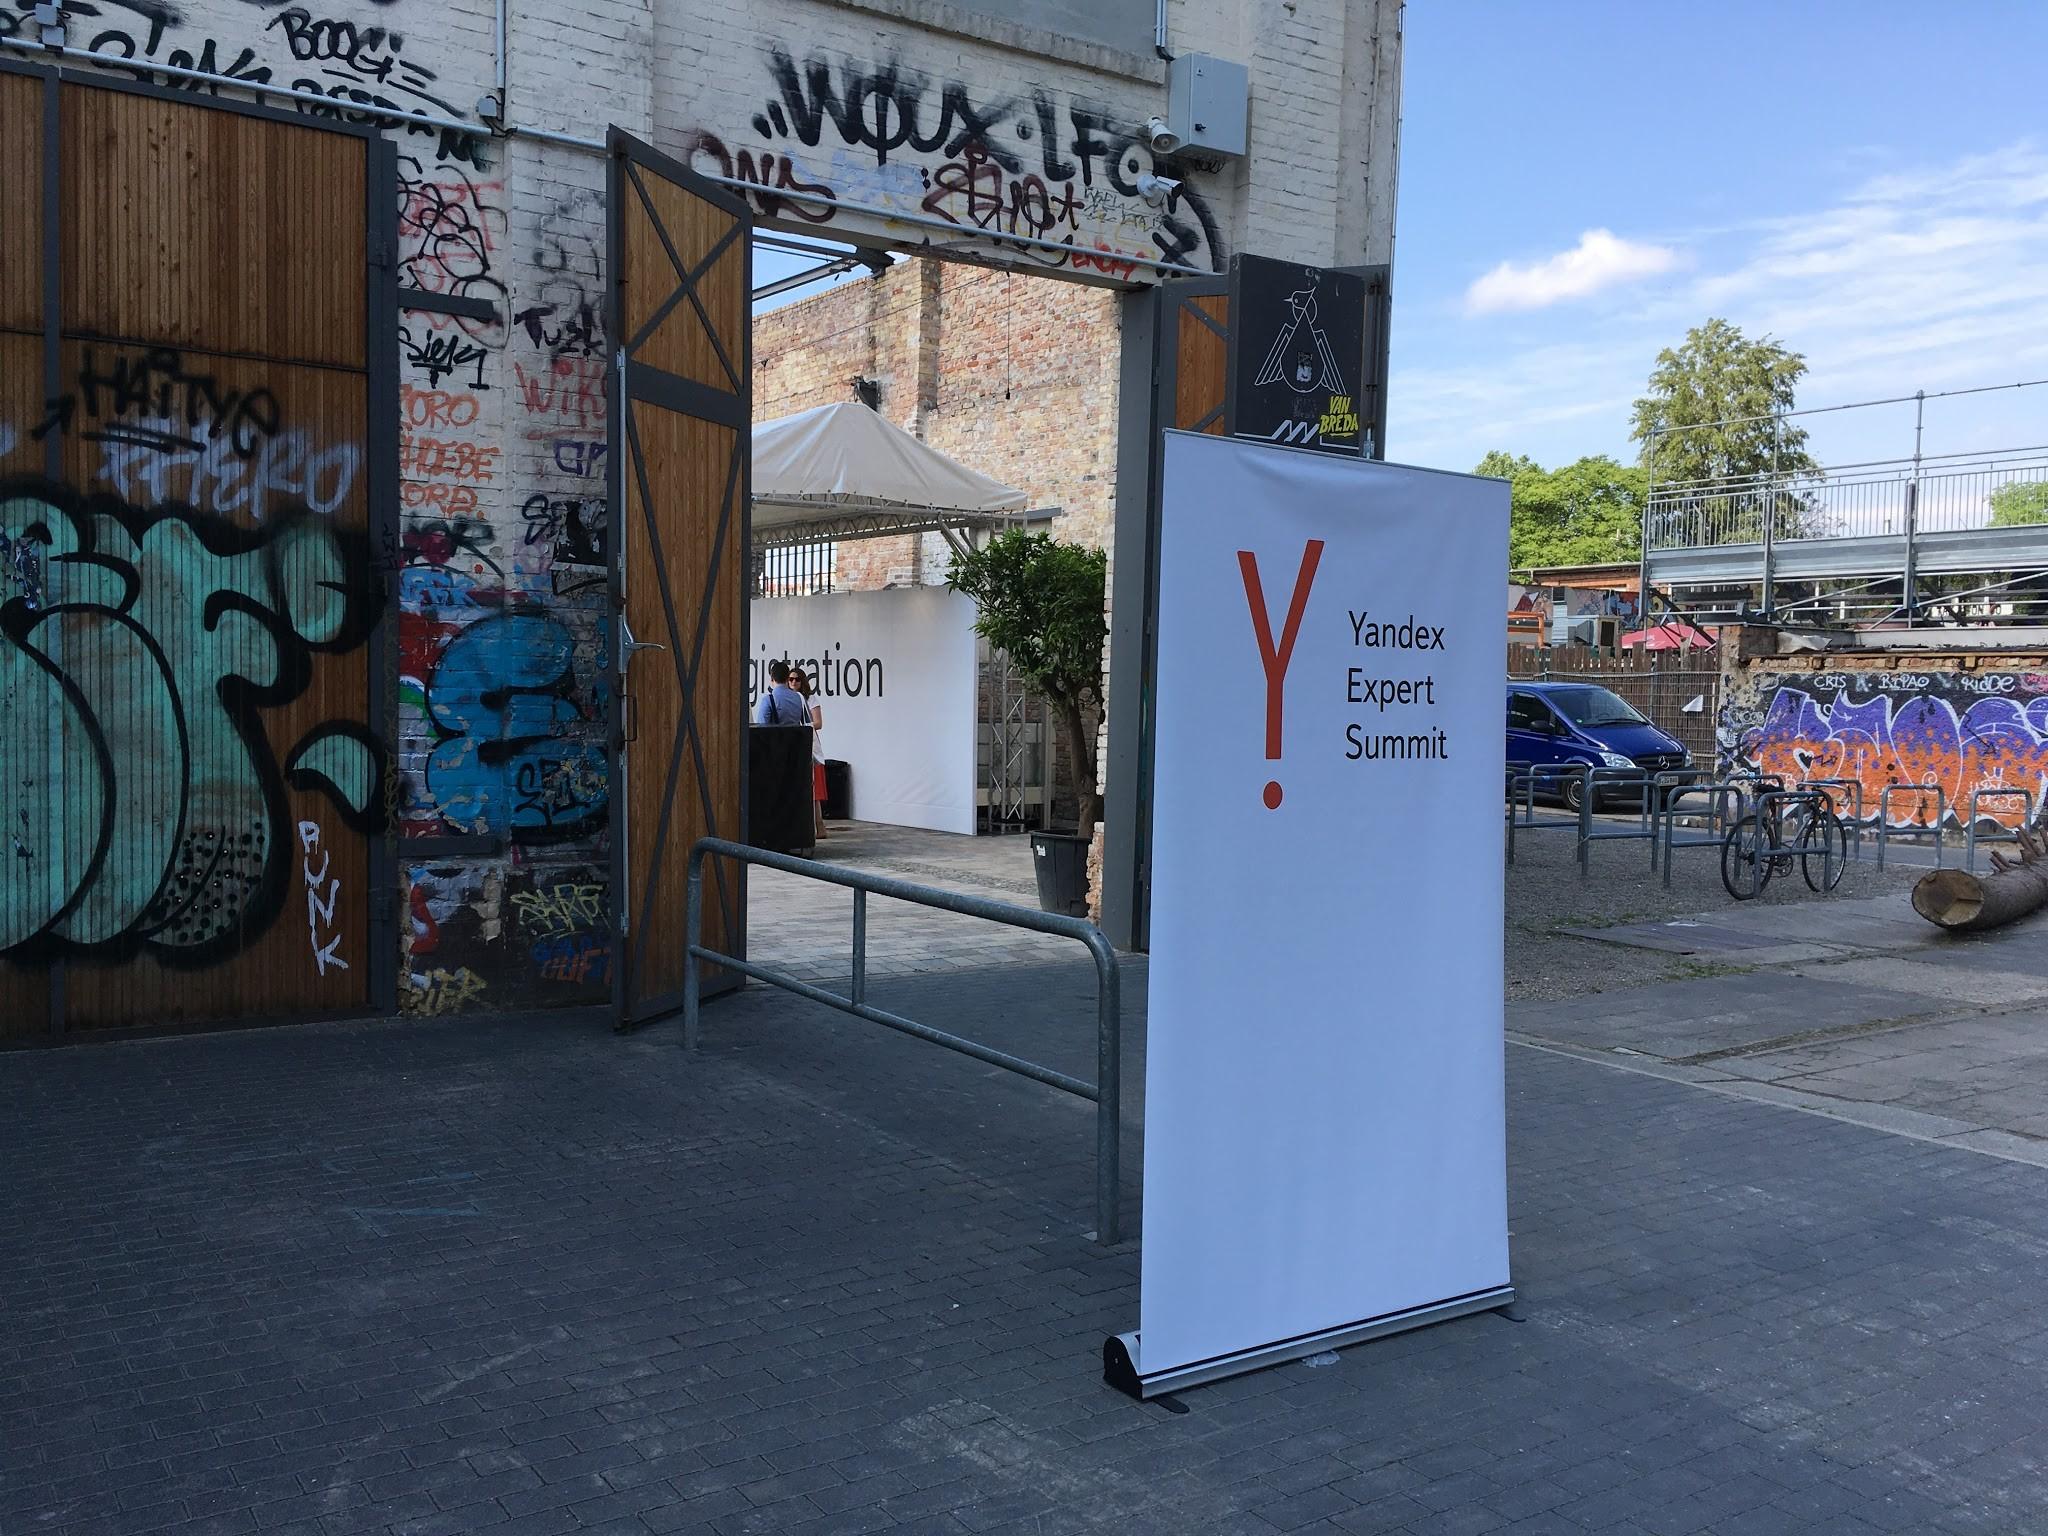 yandex summit 2.jpg